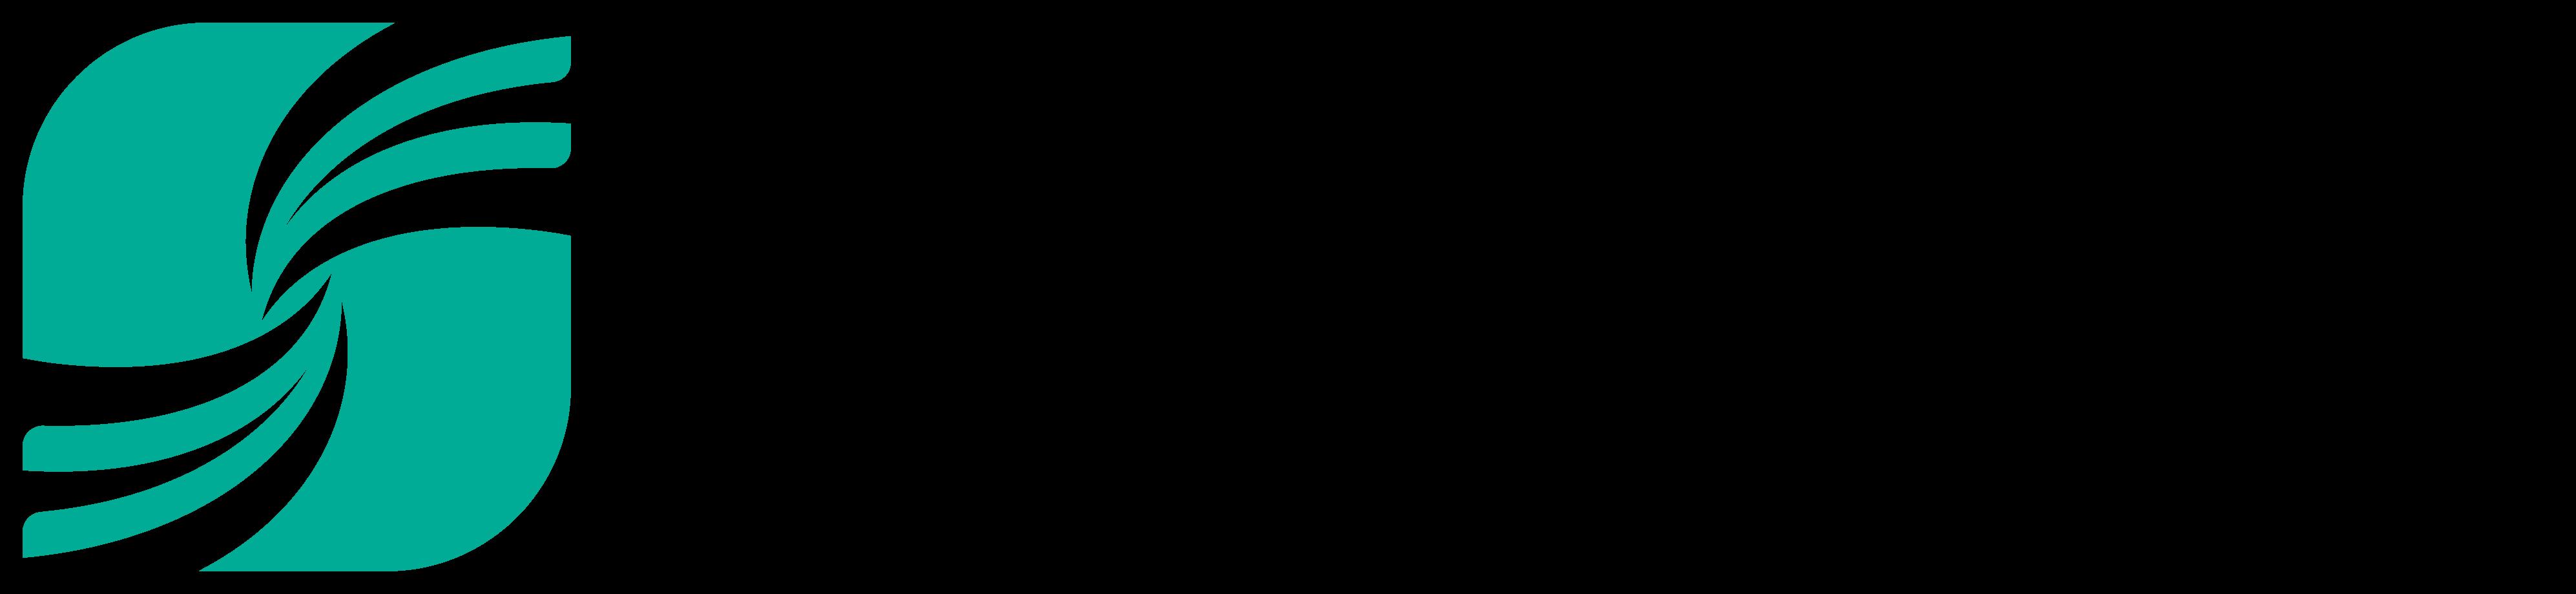 行政/公的機関/各種団体とシンプルと緑のロゴ